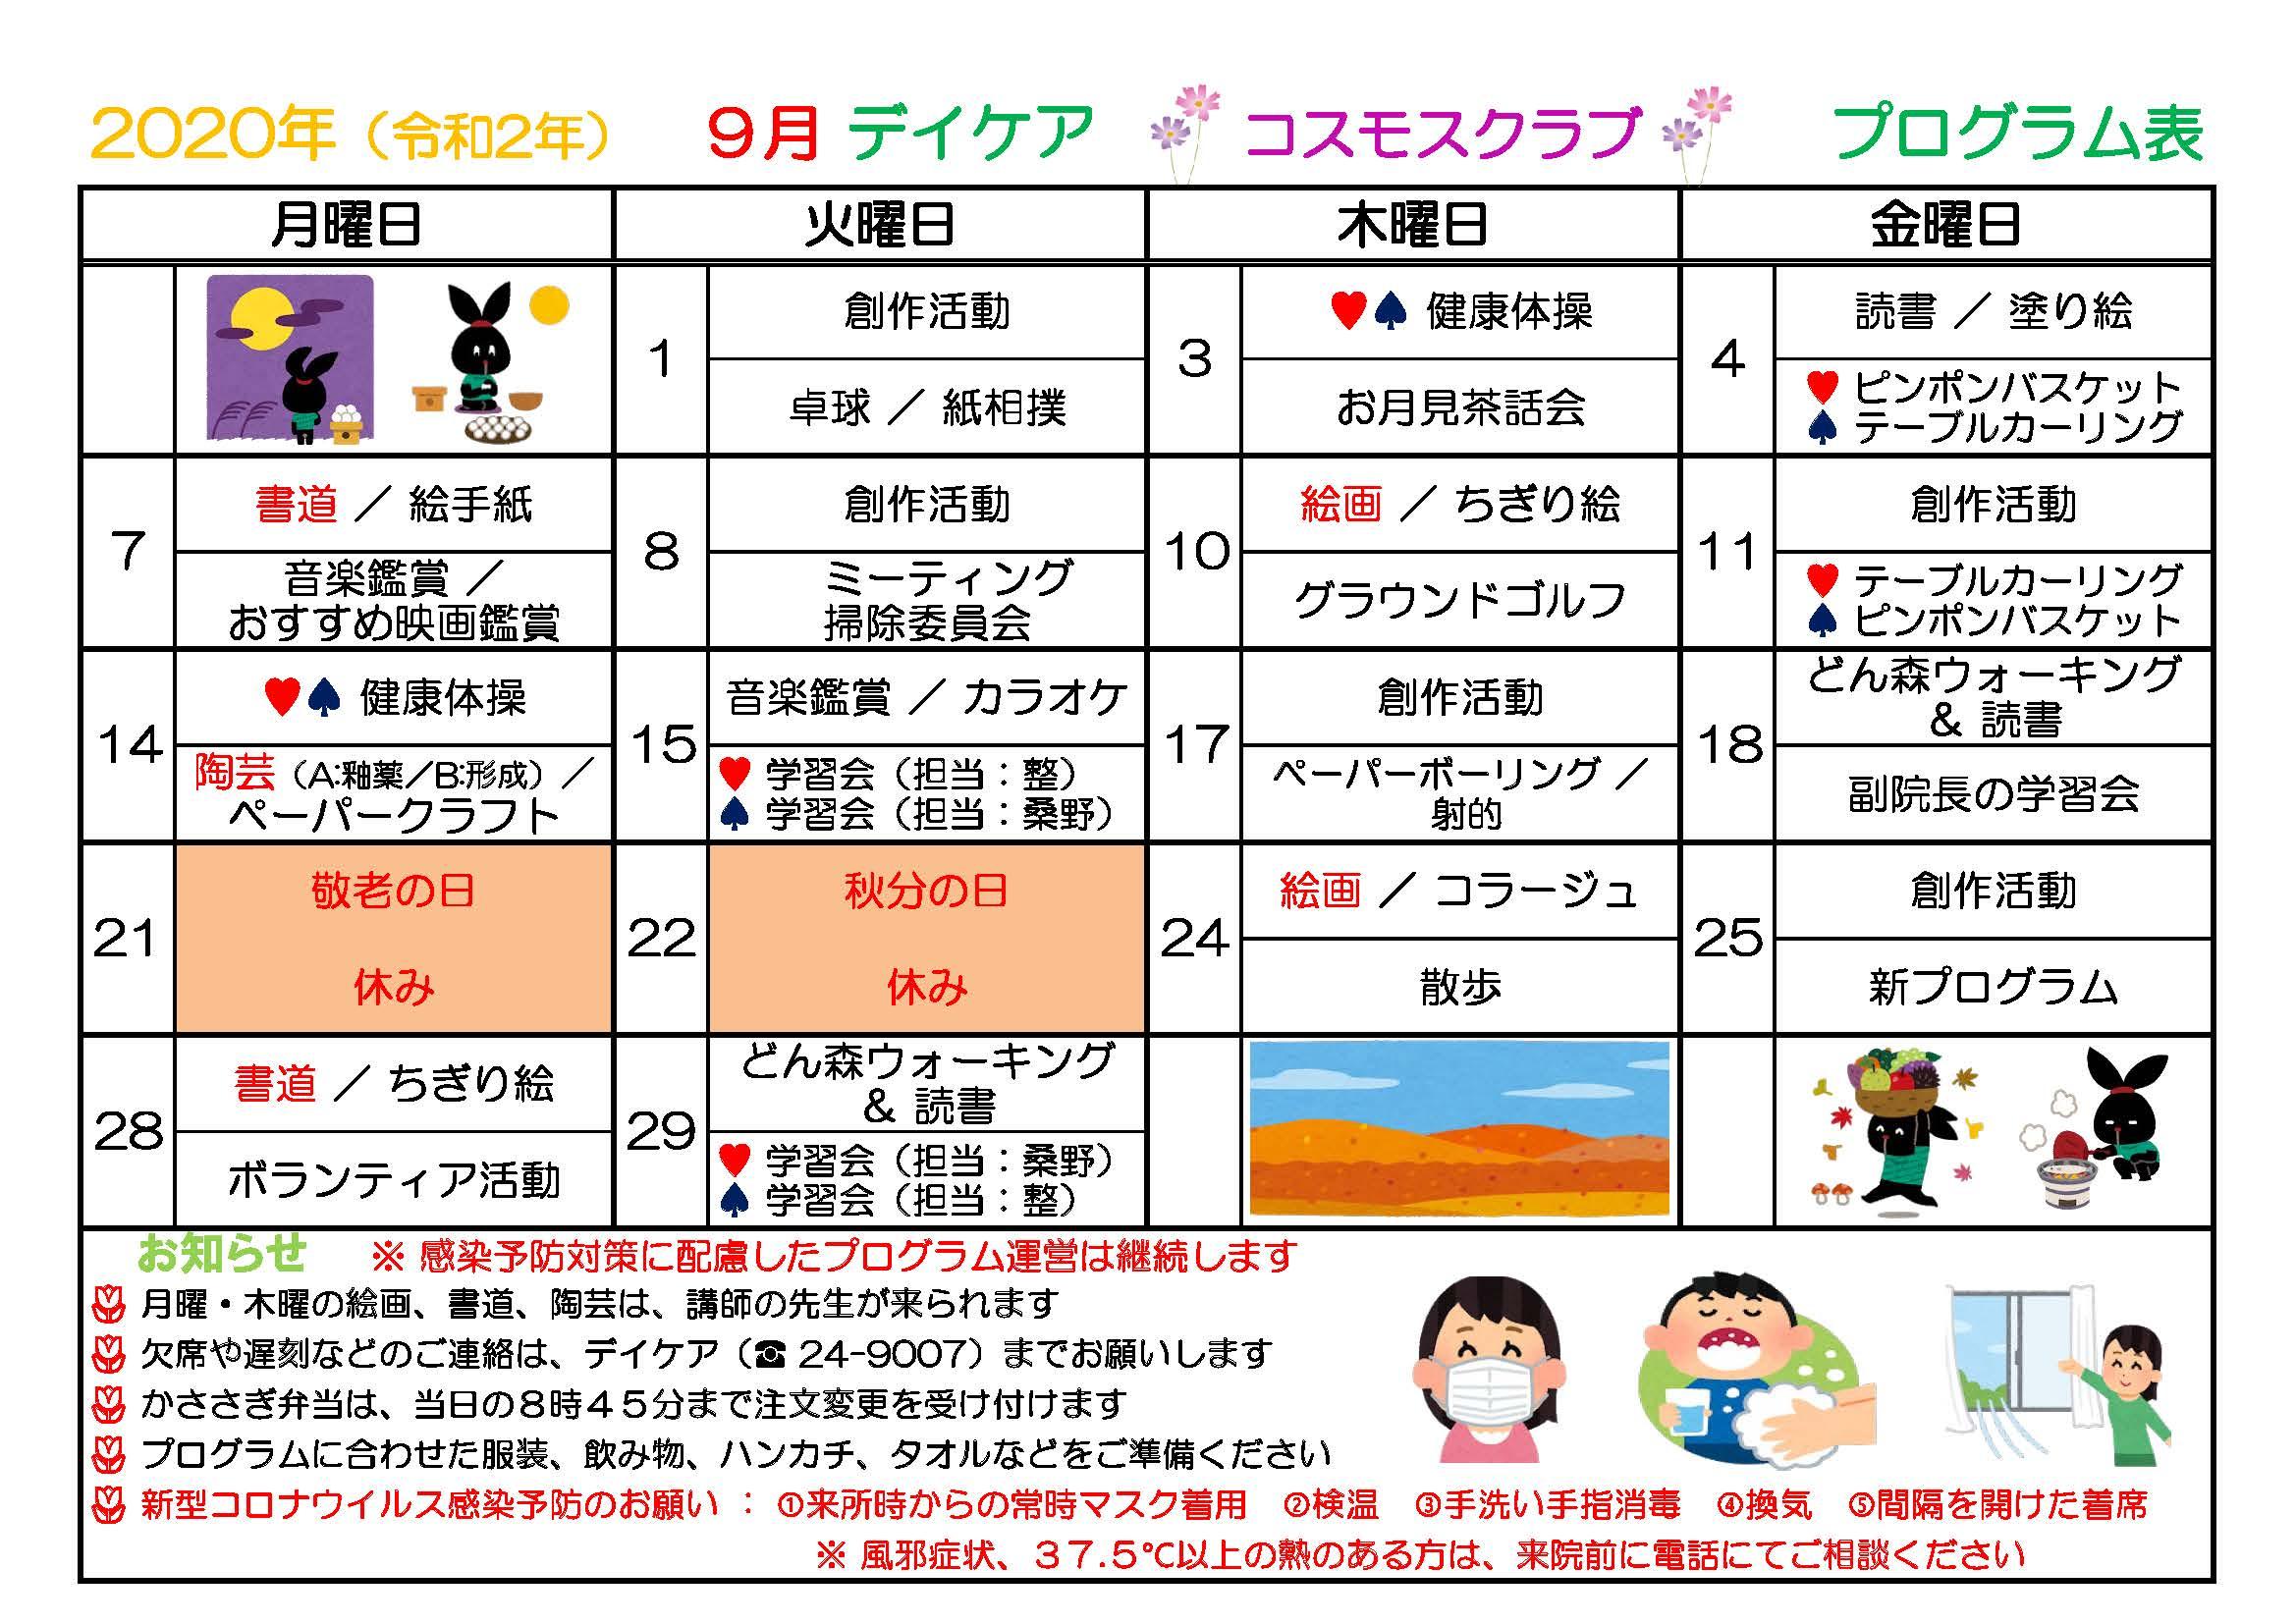 2020年9月プログラム表